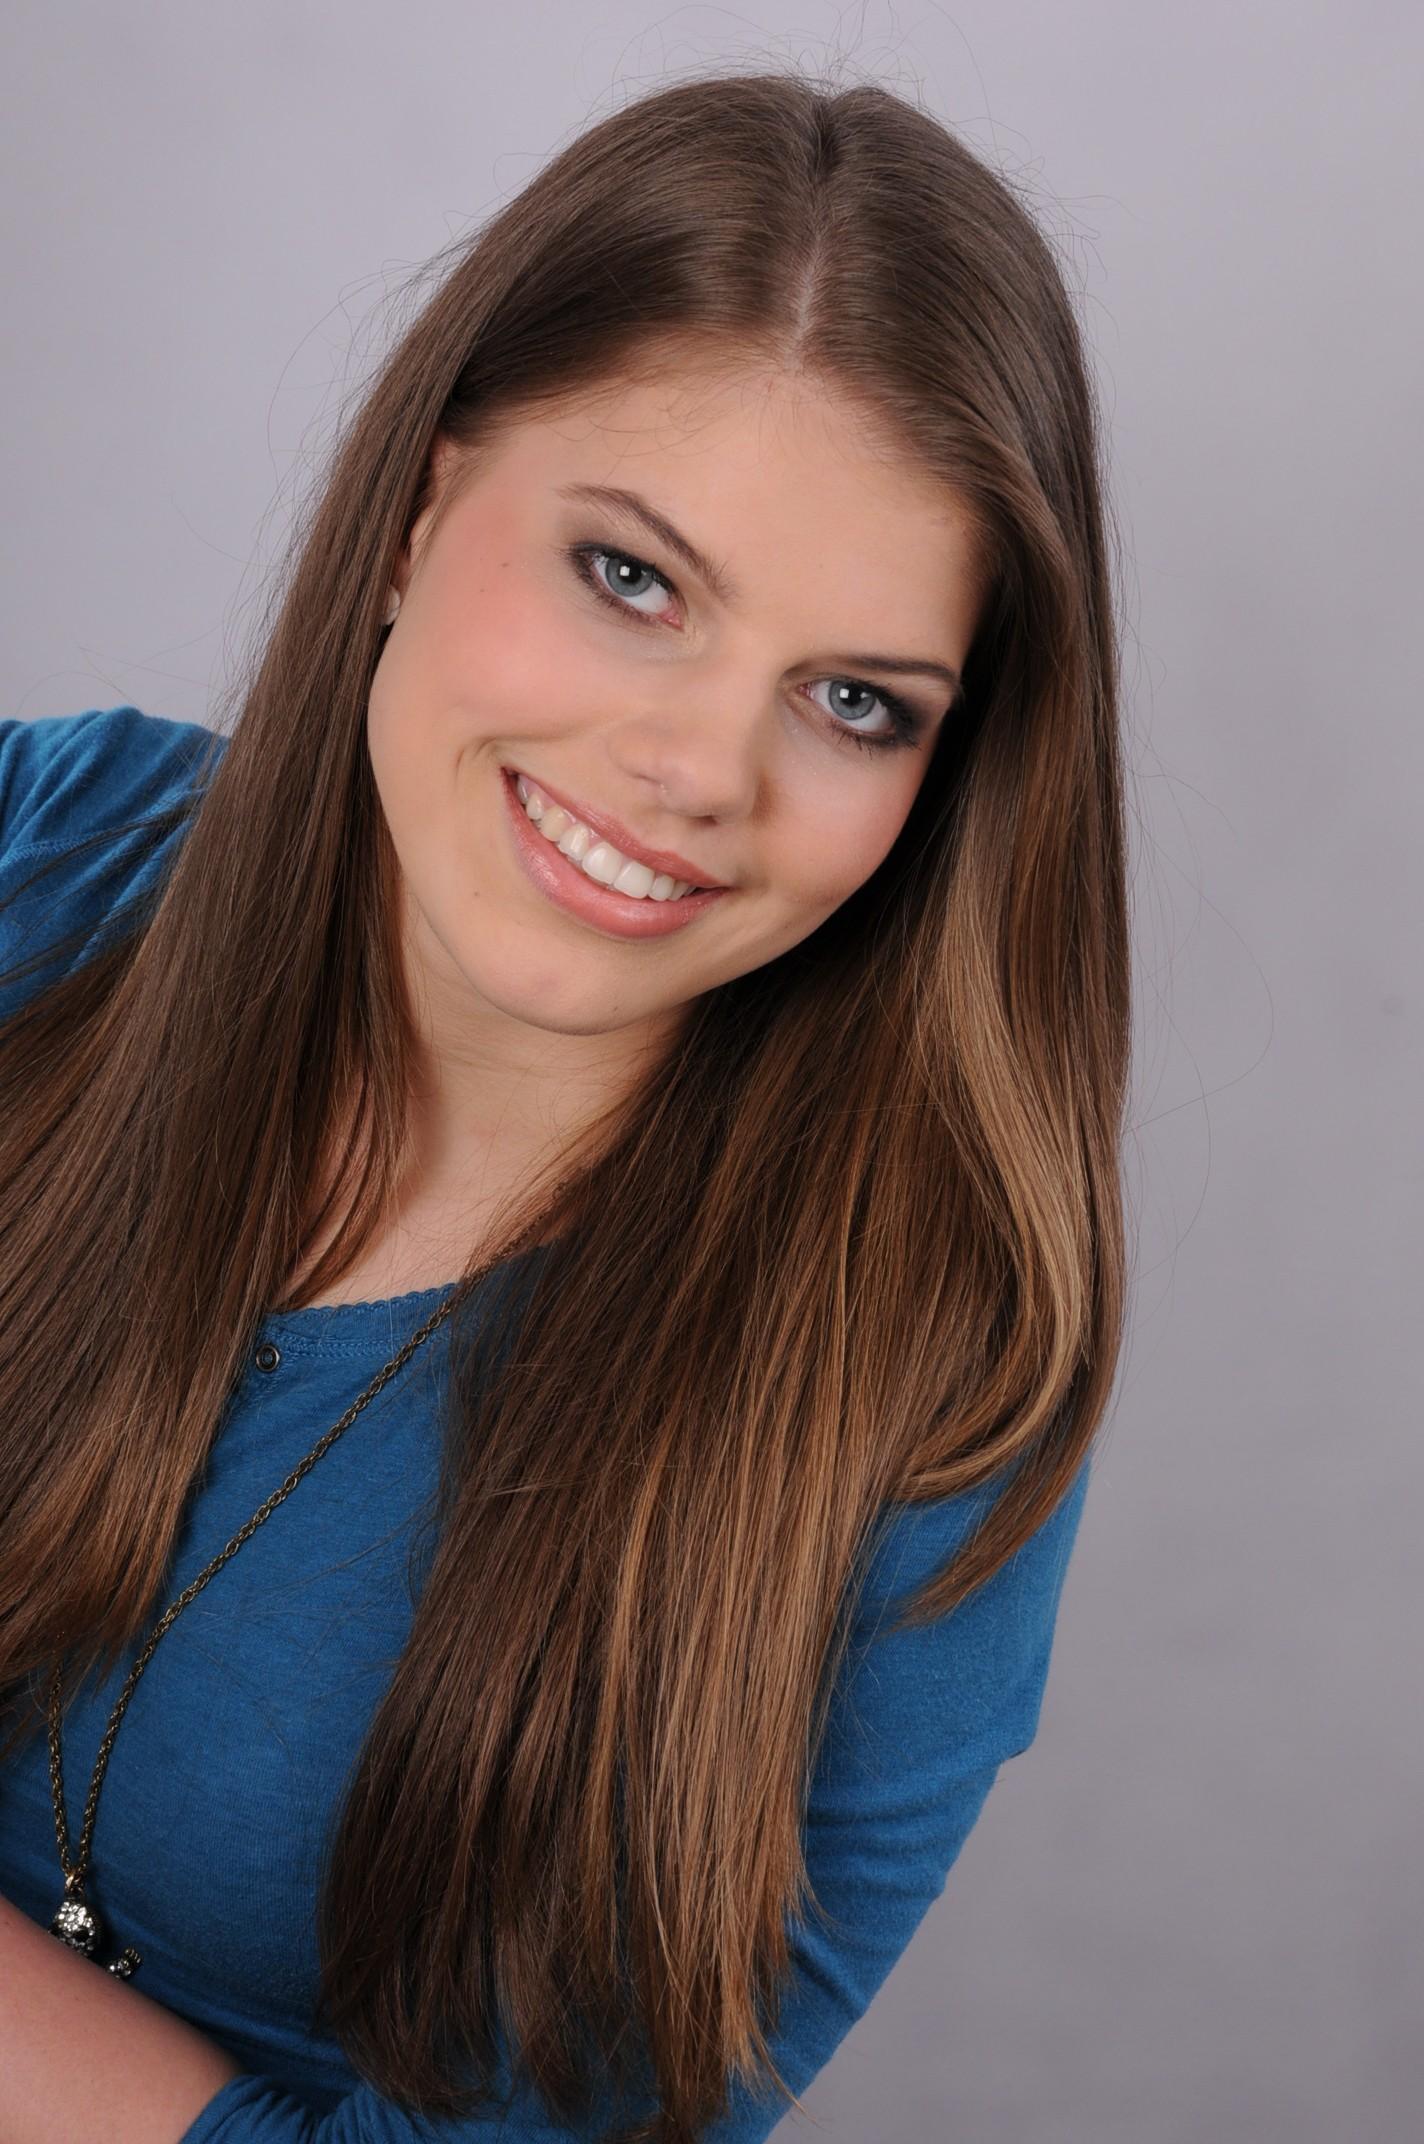 Sophie Dreblow